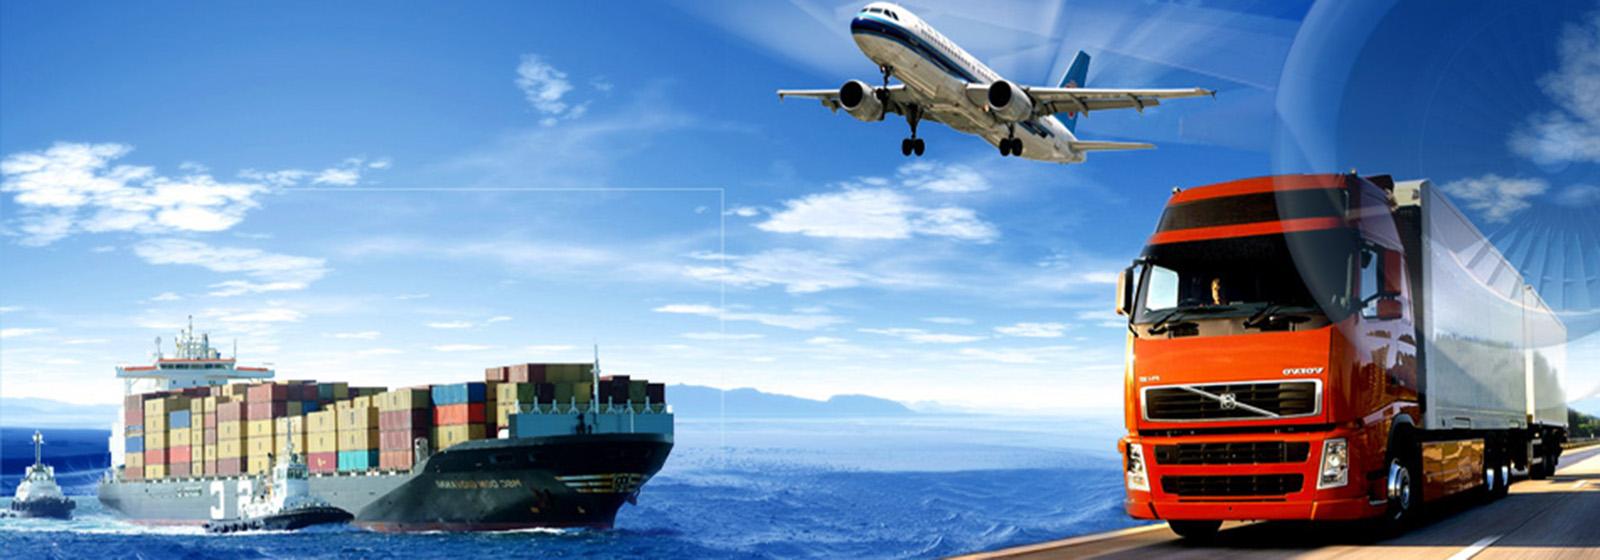 Dịch vụ chuyển phát nhanh từ Đồng Nai sang Trung Quốc nhanh chóng